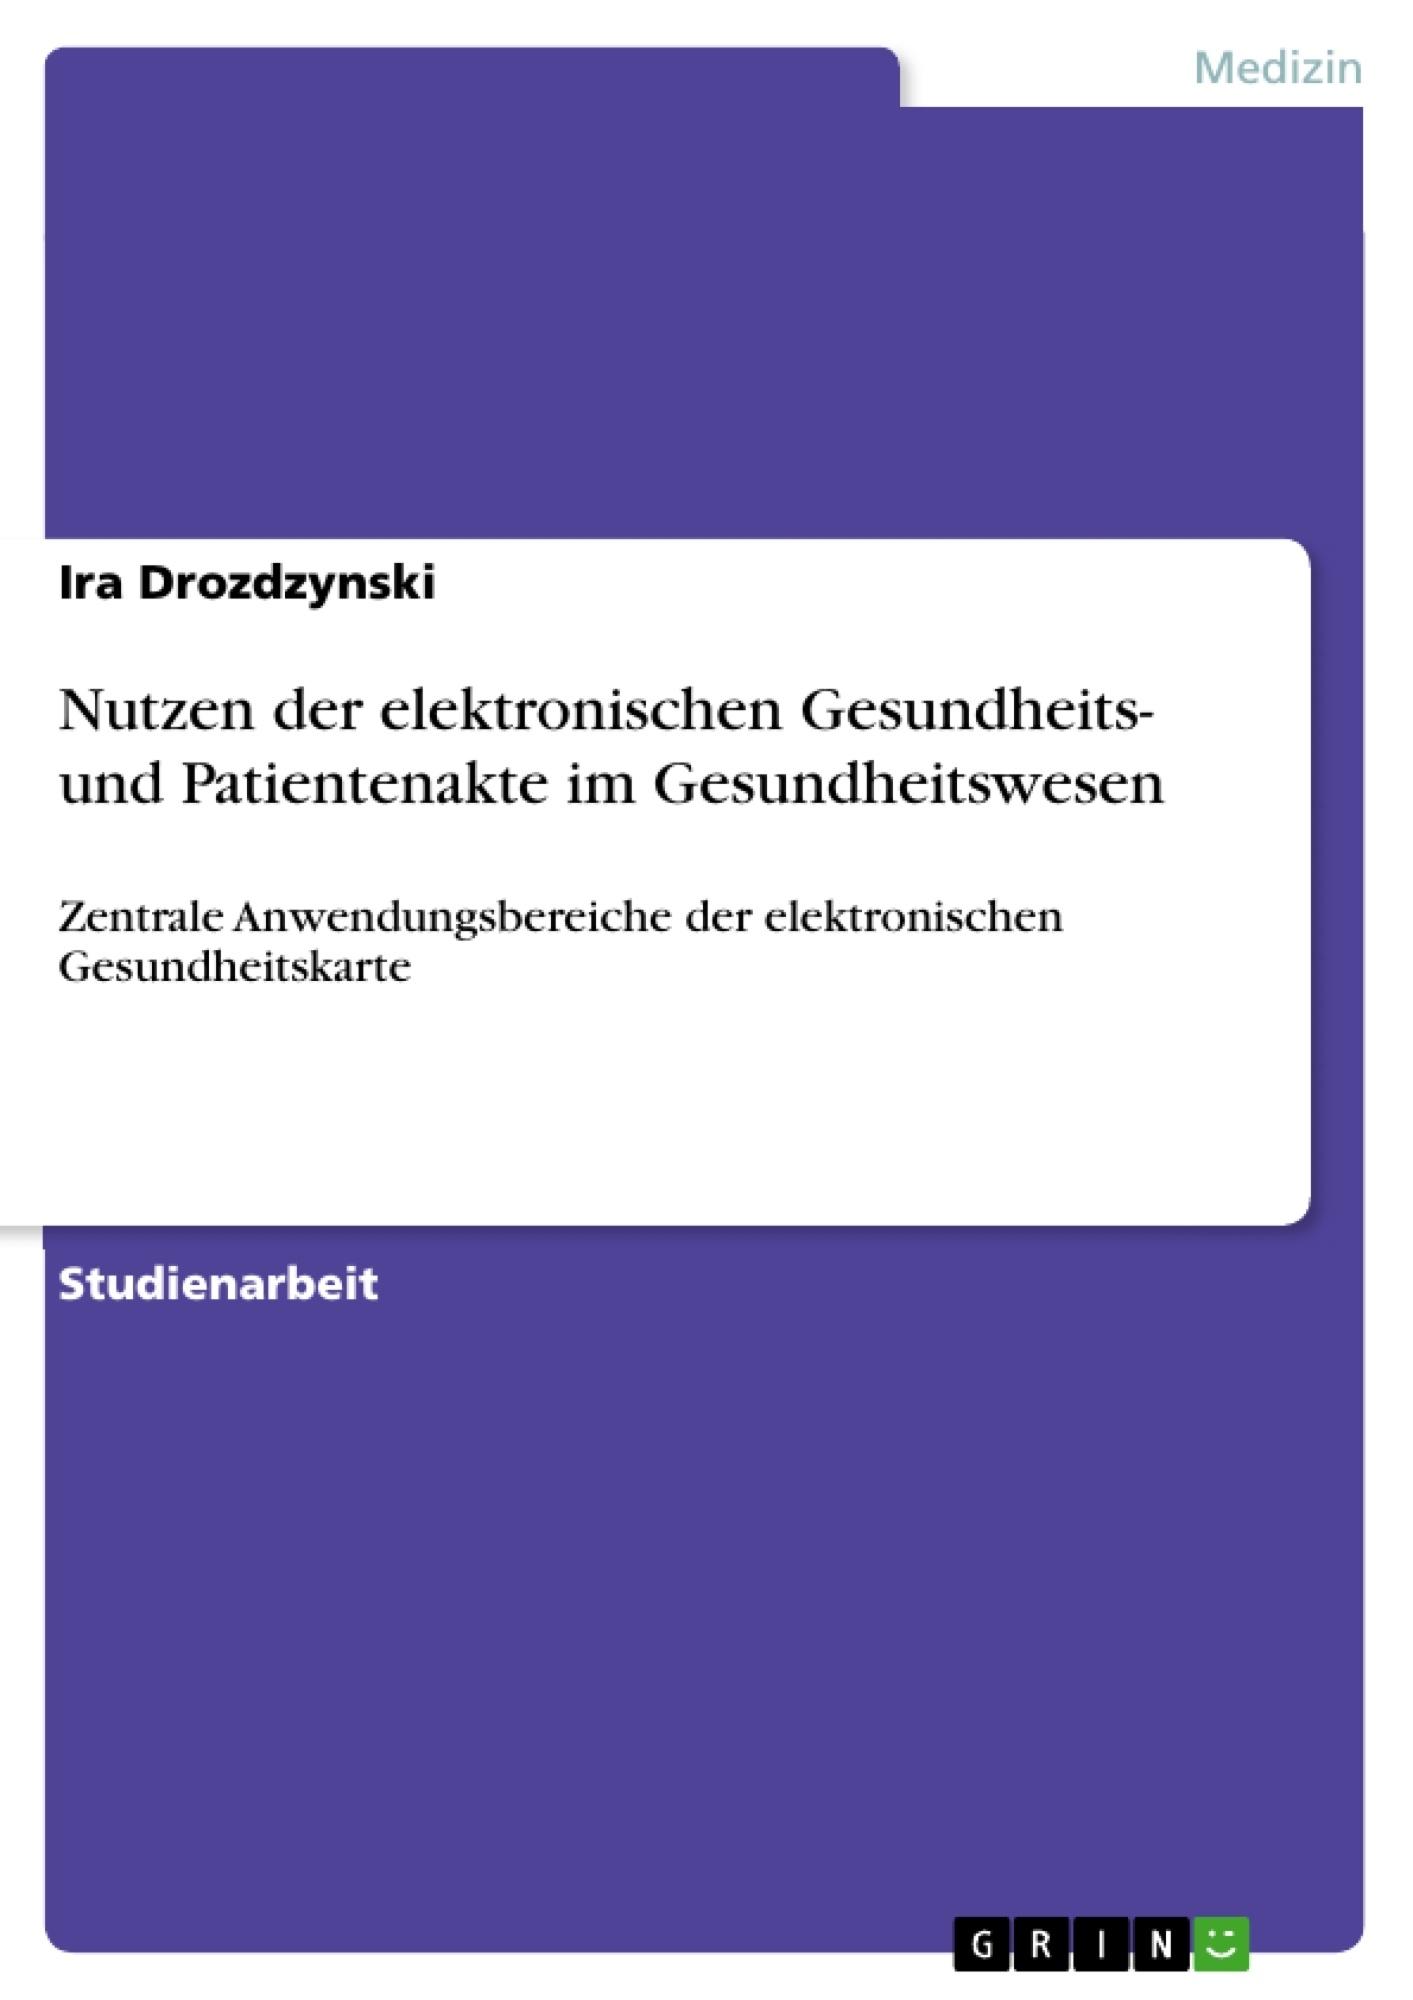 Titel: Nutzen der elektronischen Gesundheits- und Patientenakte im Gesundheitswesen